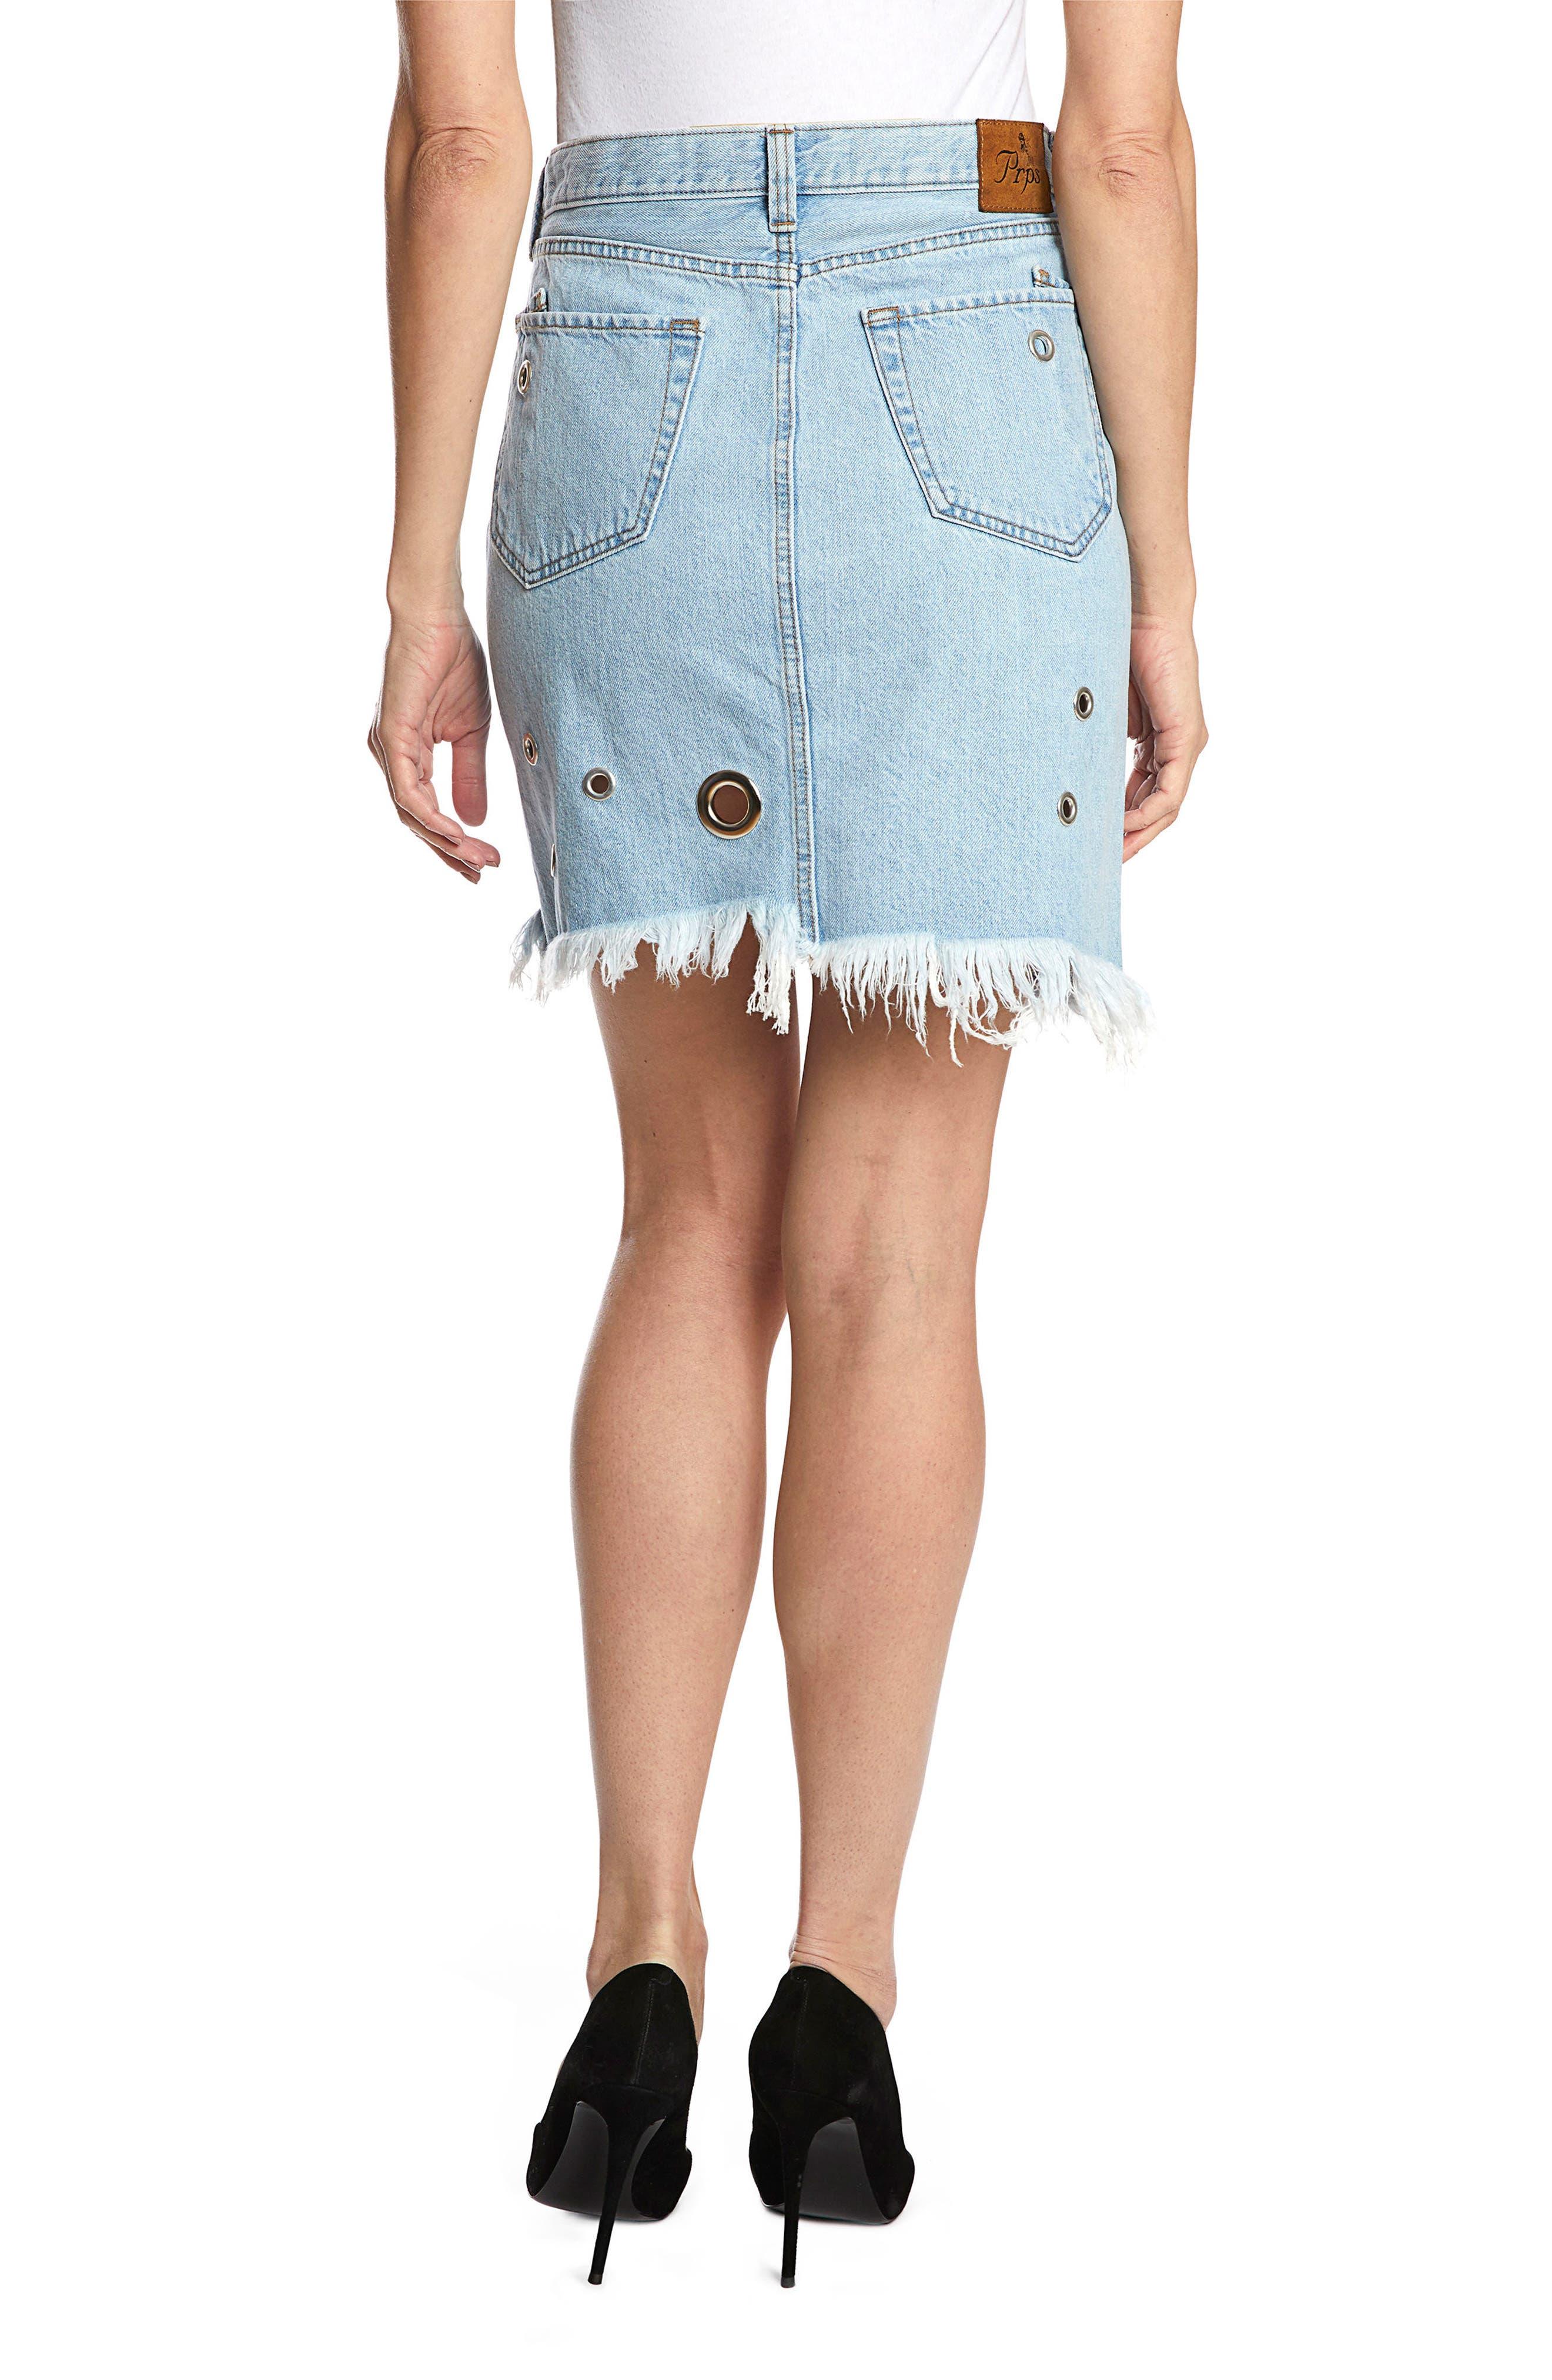 Nomad Grommet Denim Skirt,                             Alternate thumbnail 2, color,                             Light Stone